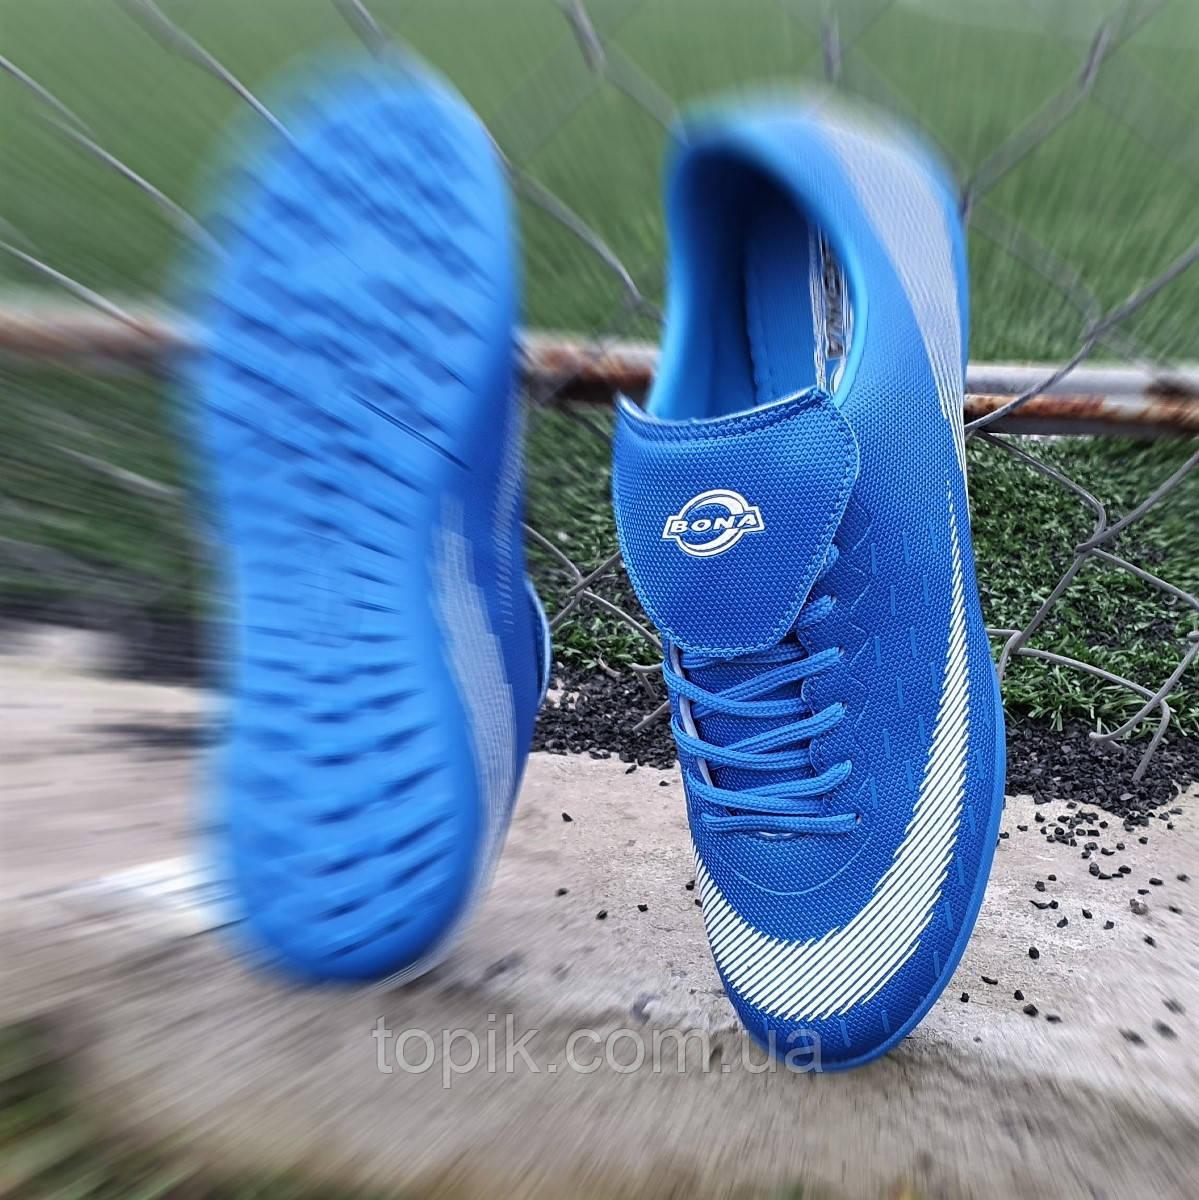 6487f65b Мужские сороконожки Mercurial, бампы, кроссовки для футбола синие, футбольная  обувь, легкие (